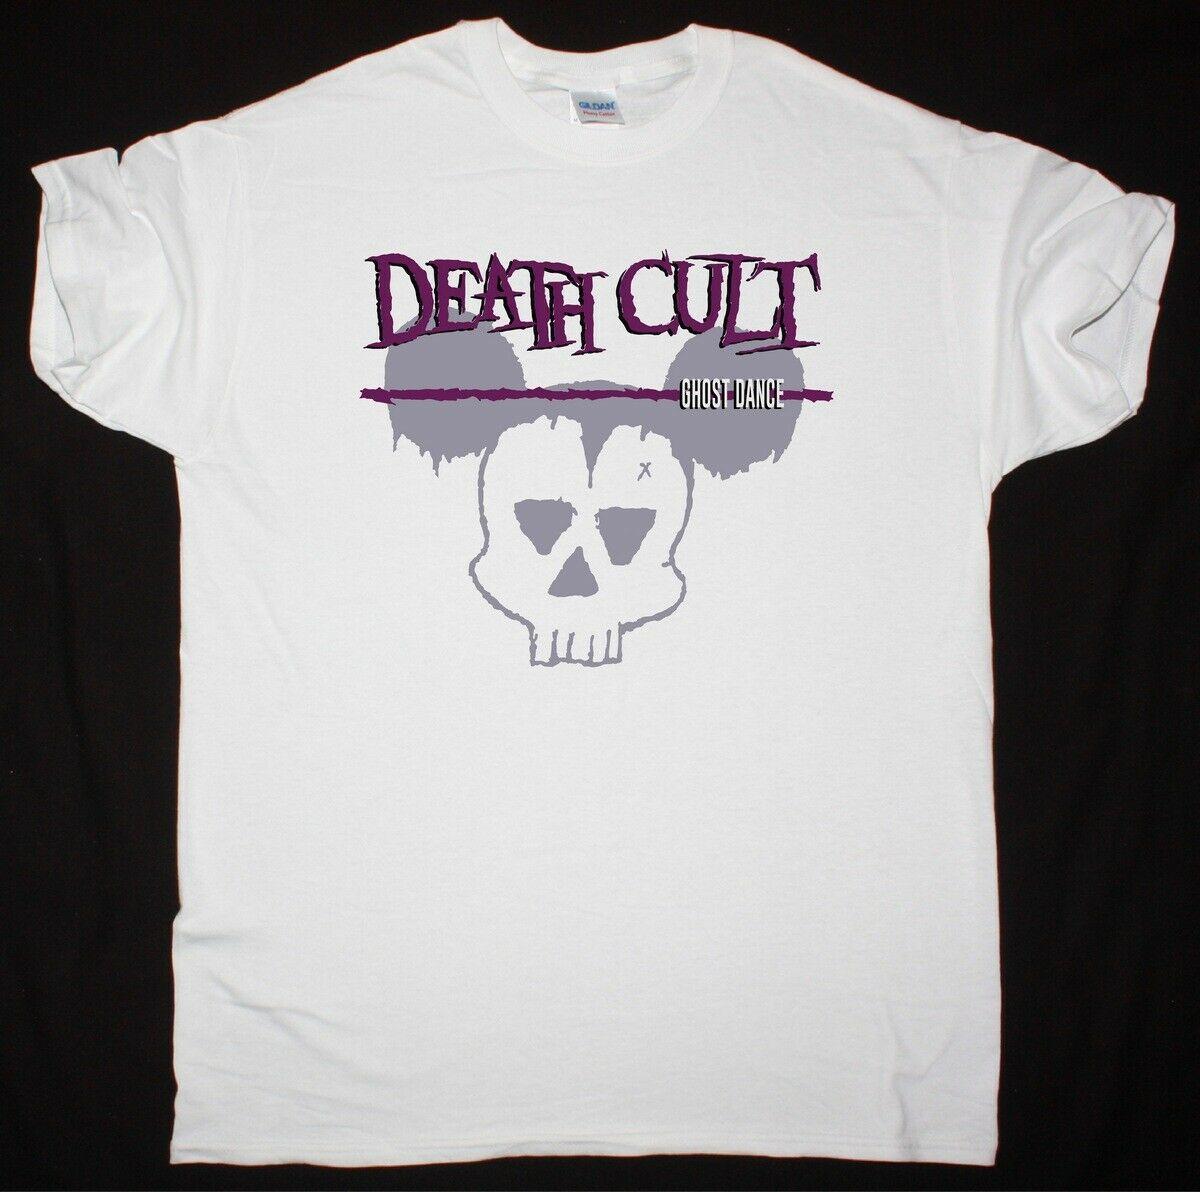 死亡 Cult Ghost 舞蹈白色 T恤 的 cult 哥特式岩石后朋克短袖